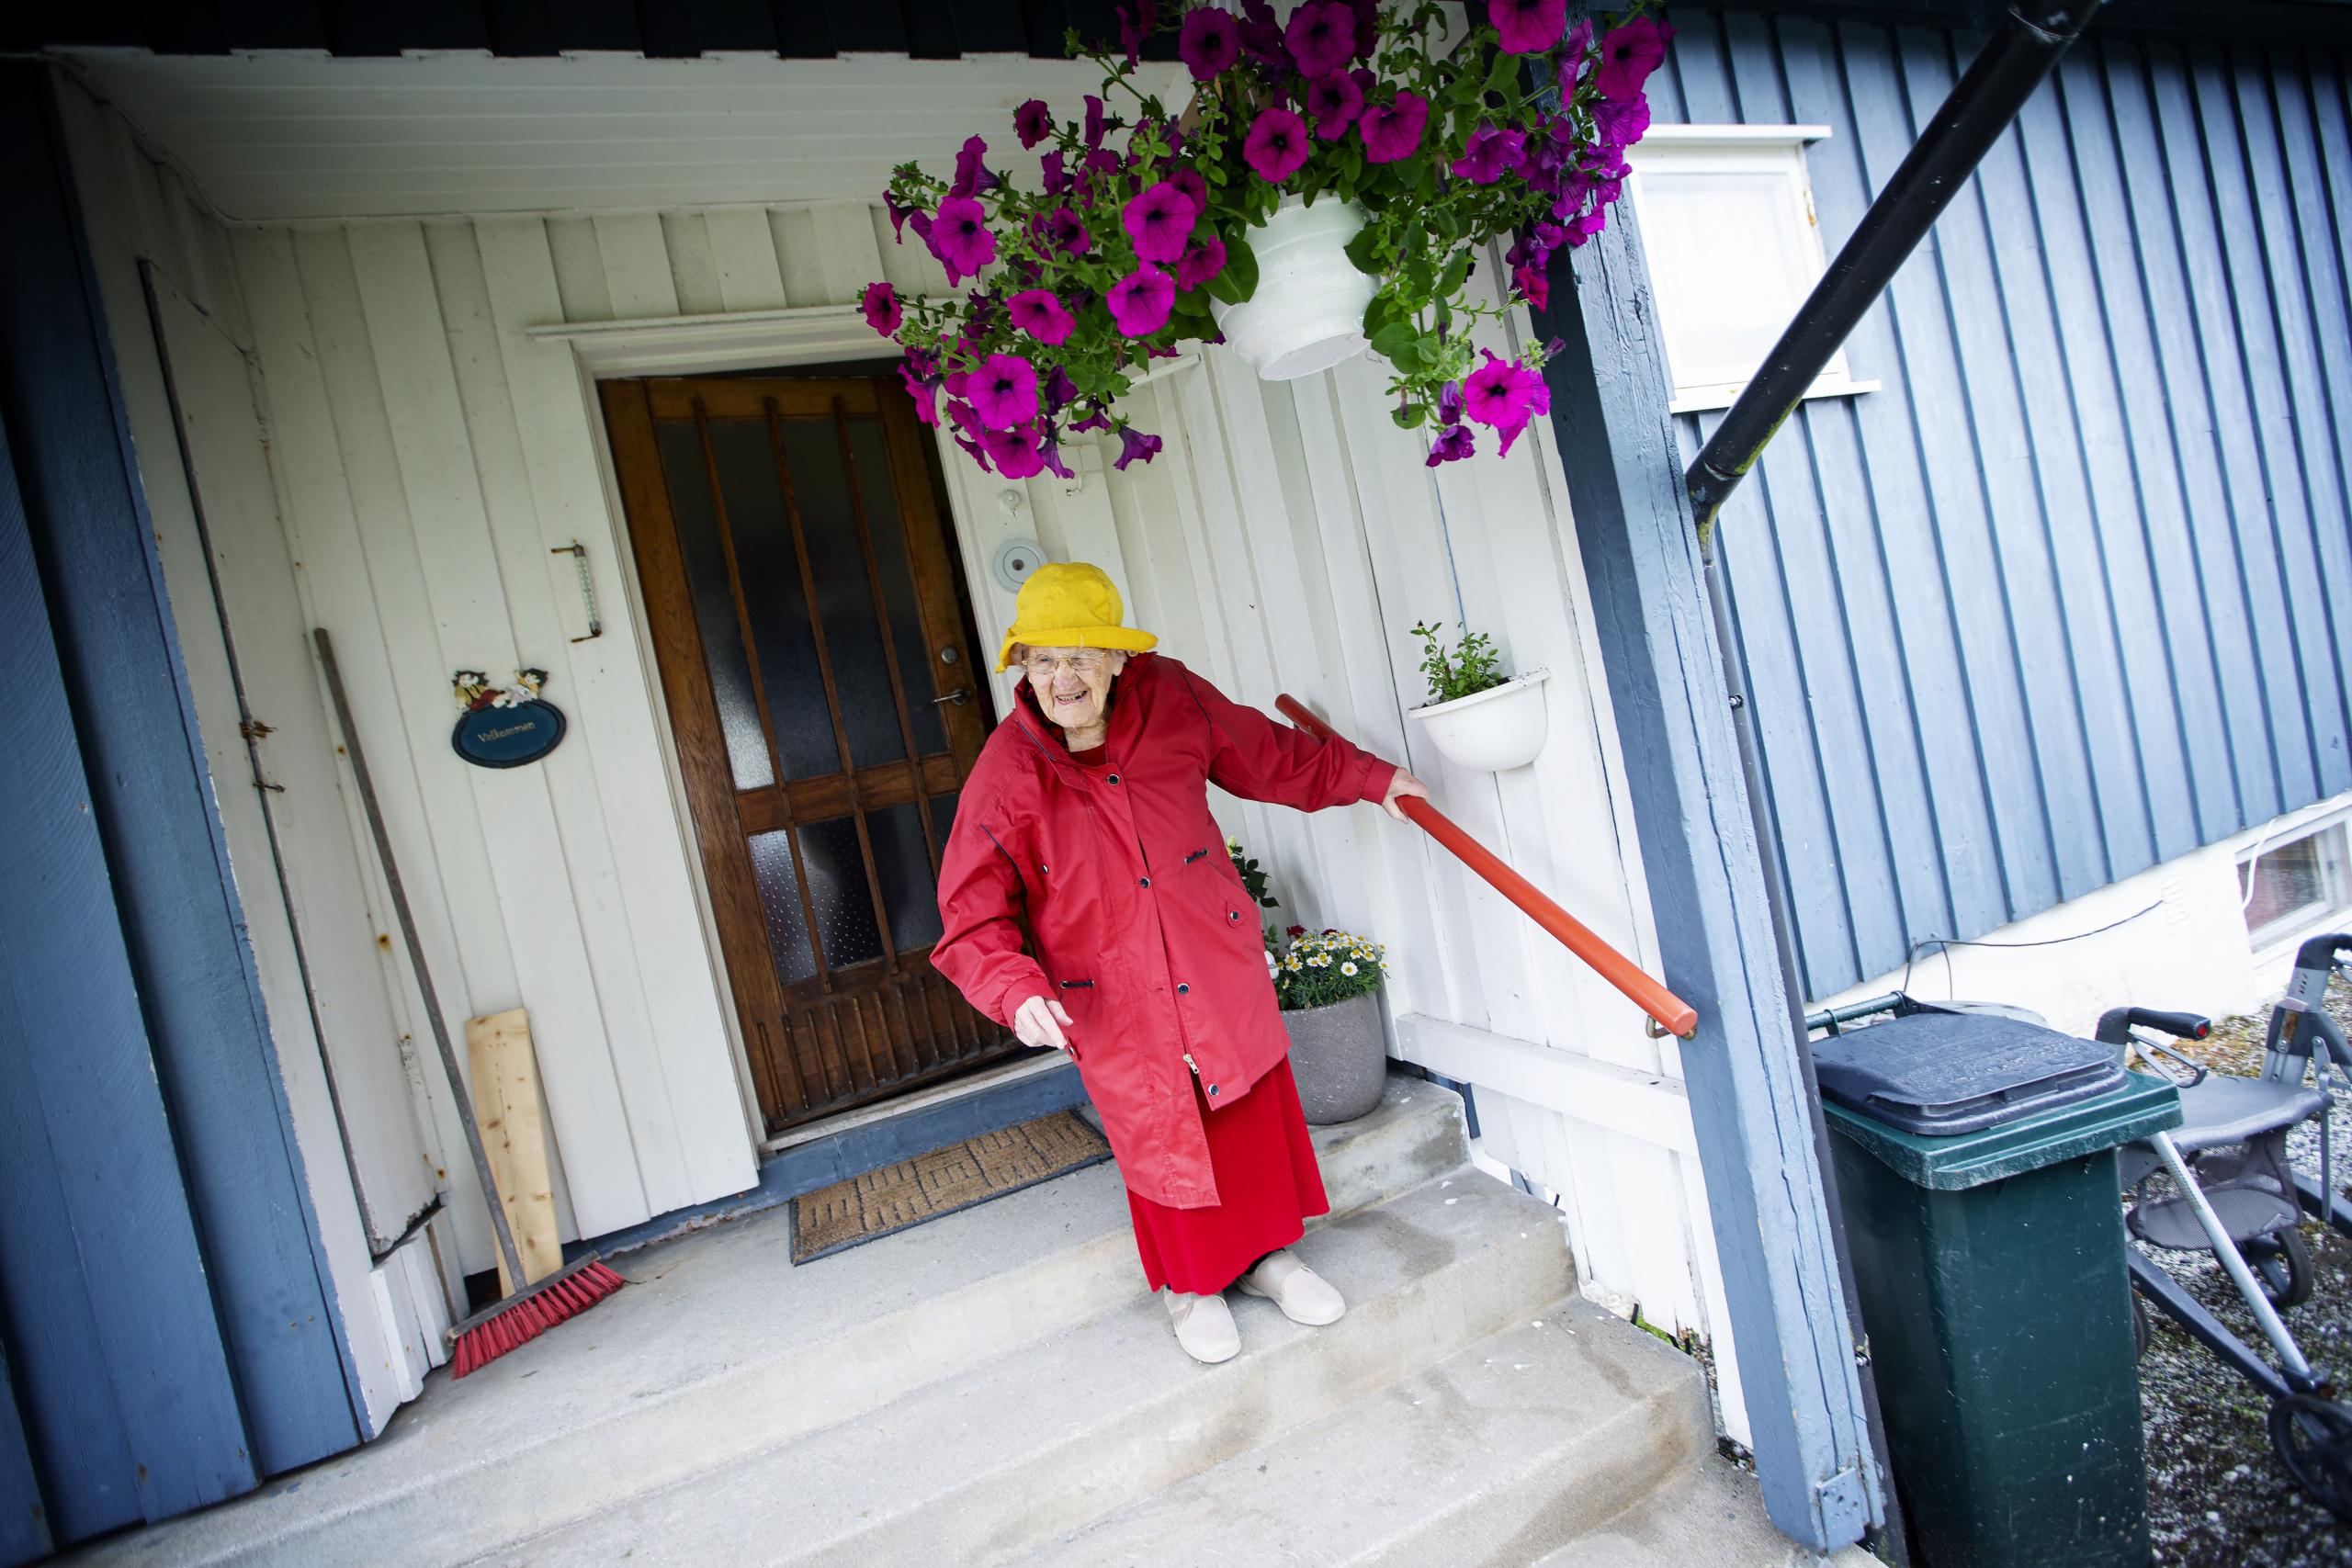 Eldre kvinne med sydvest og rød kappe kommer gående ned trapp